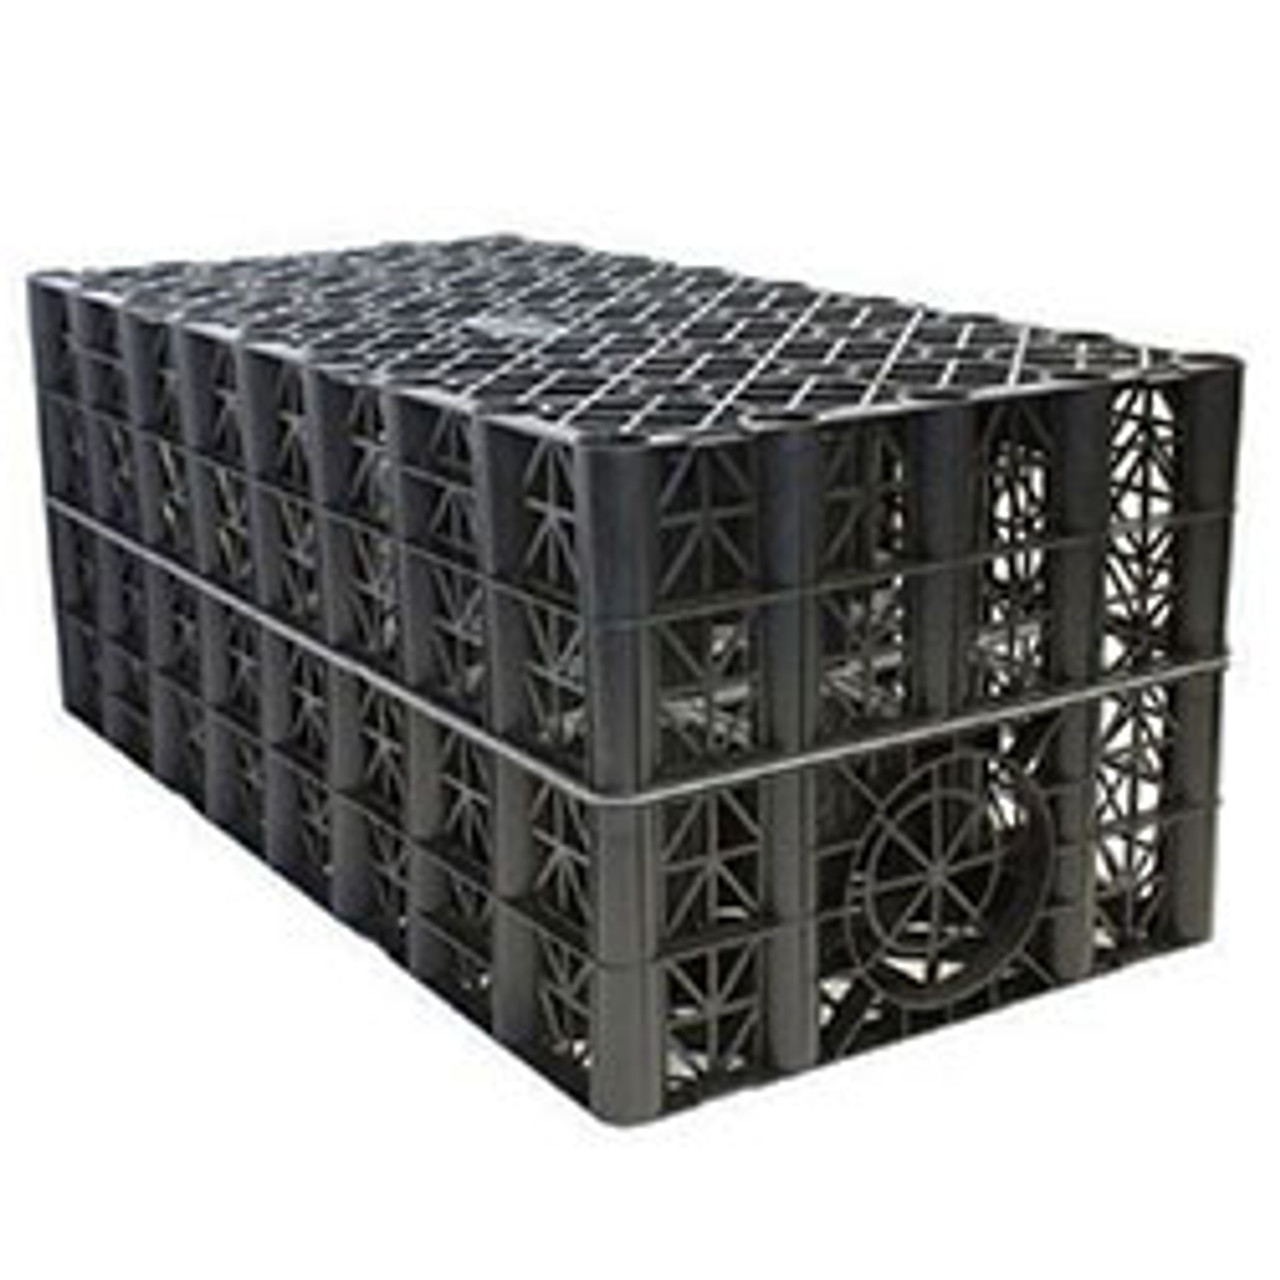 Polystorm-R PSM1A crate.